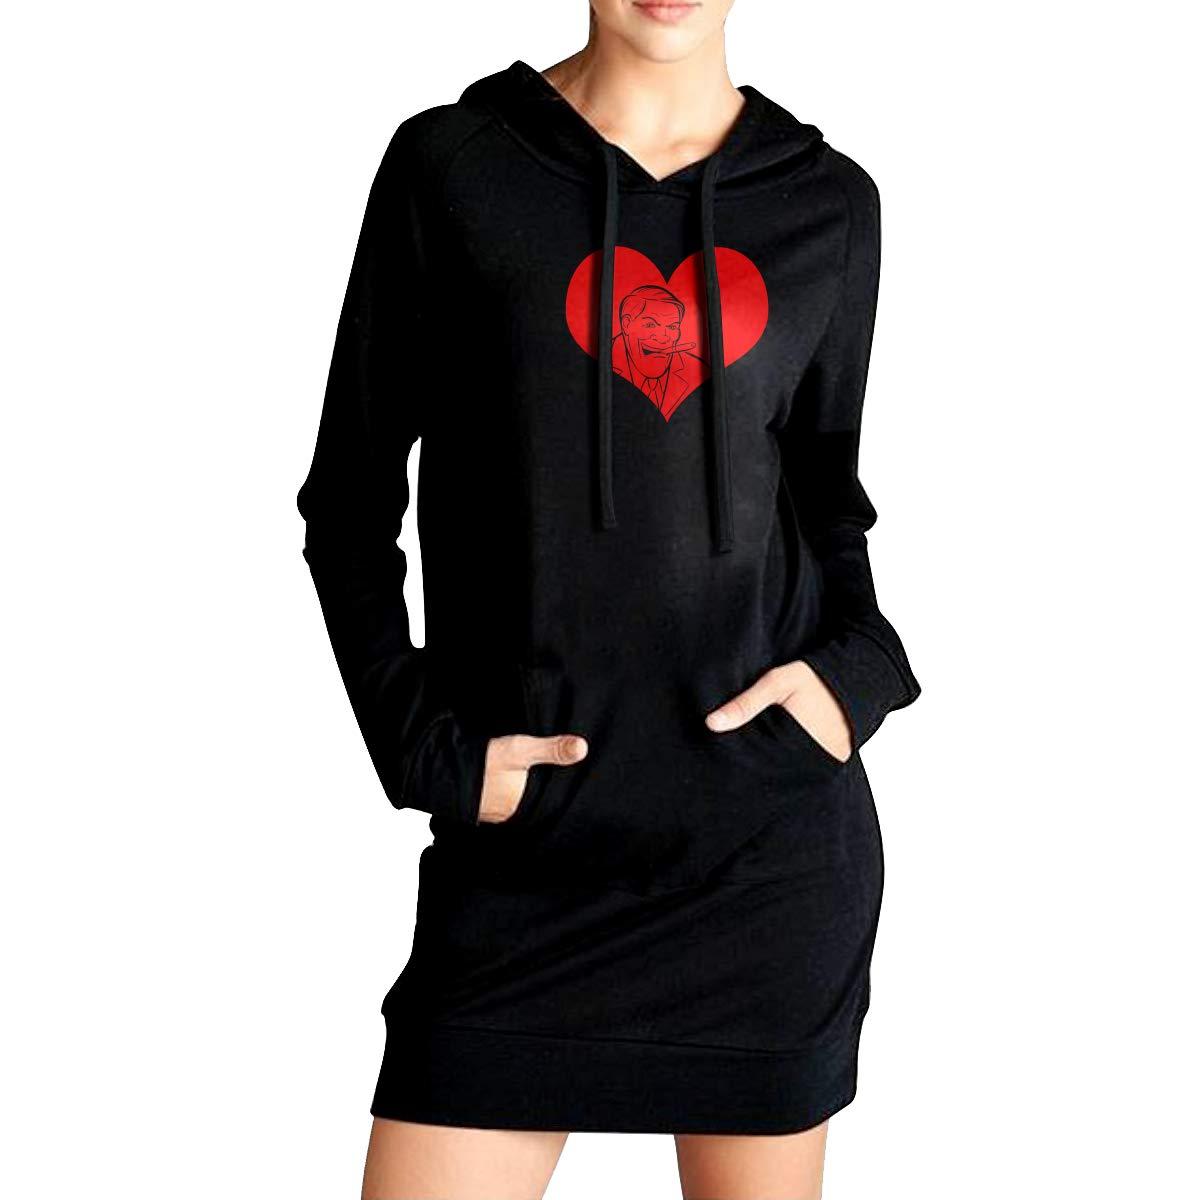 TDYUS DesignName Womens Fashion Black Hoodie With Pocket